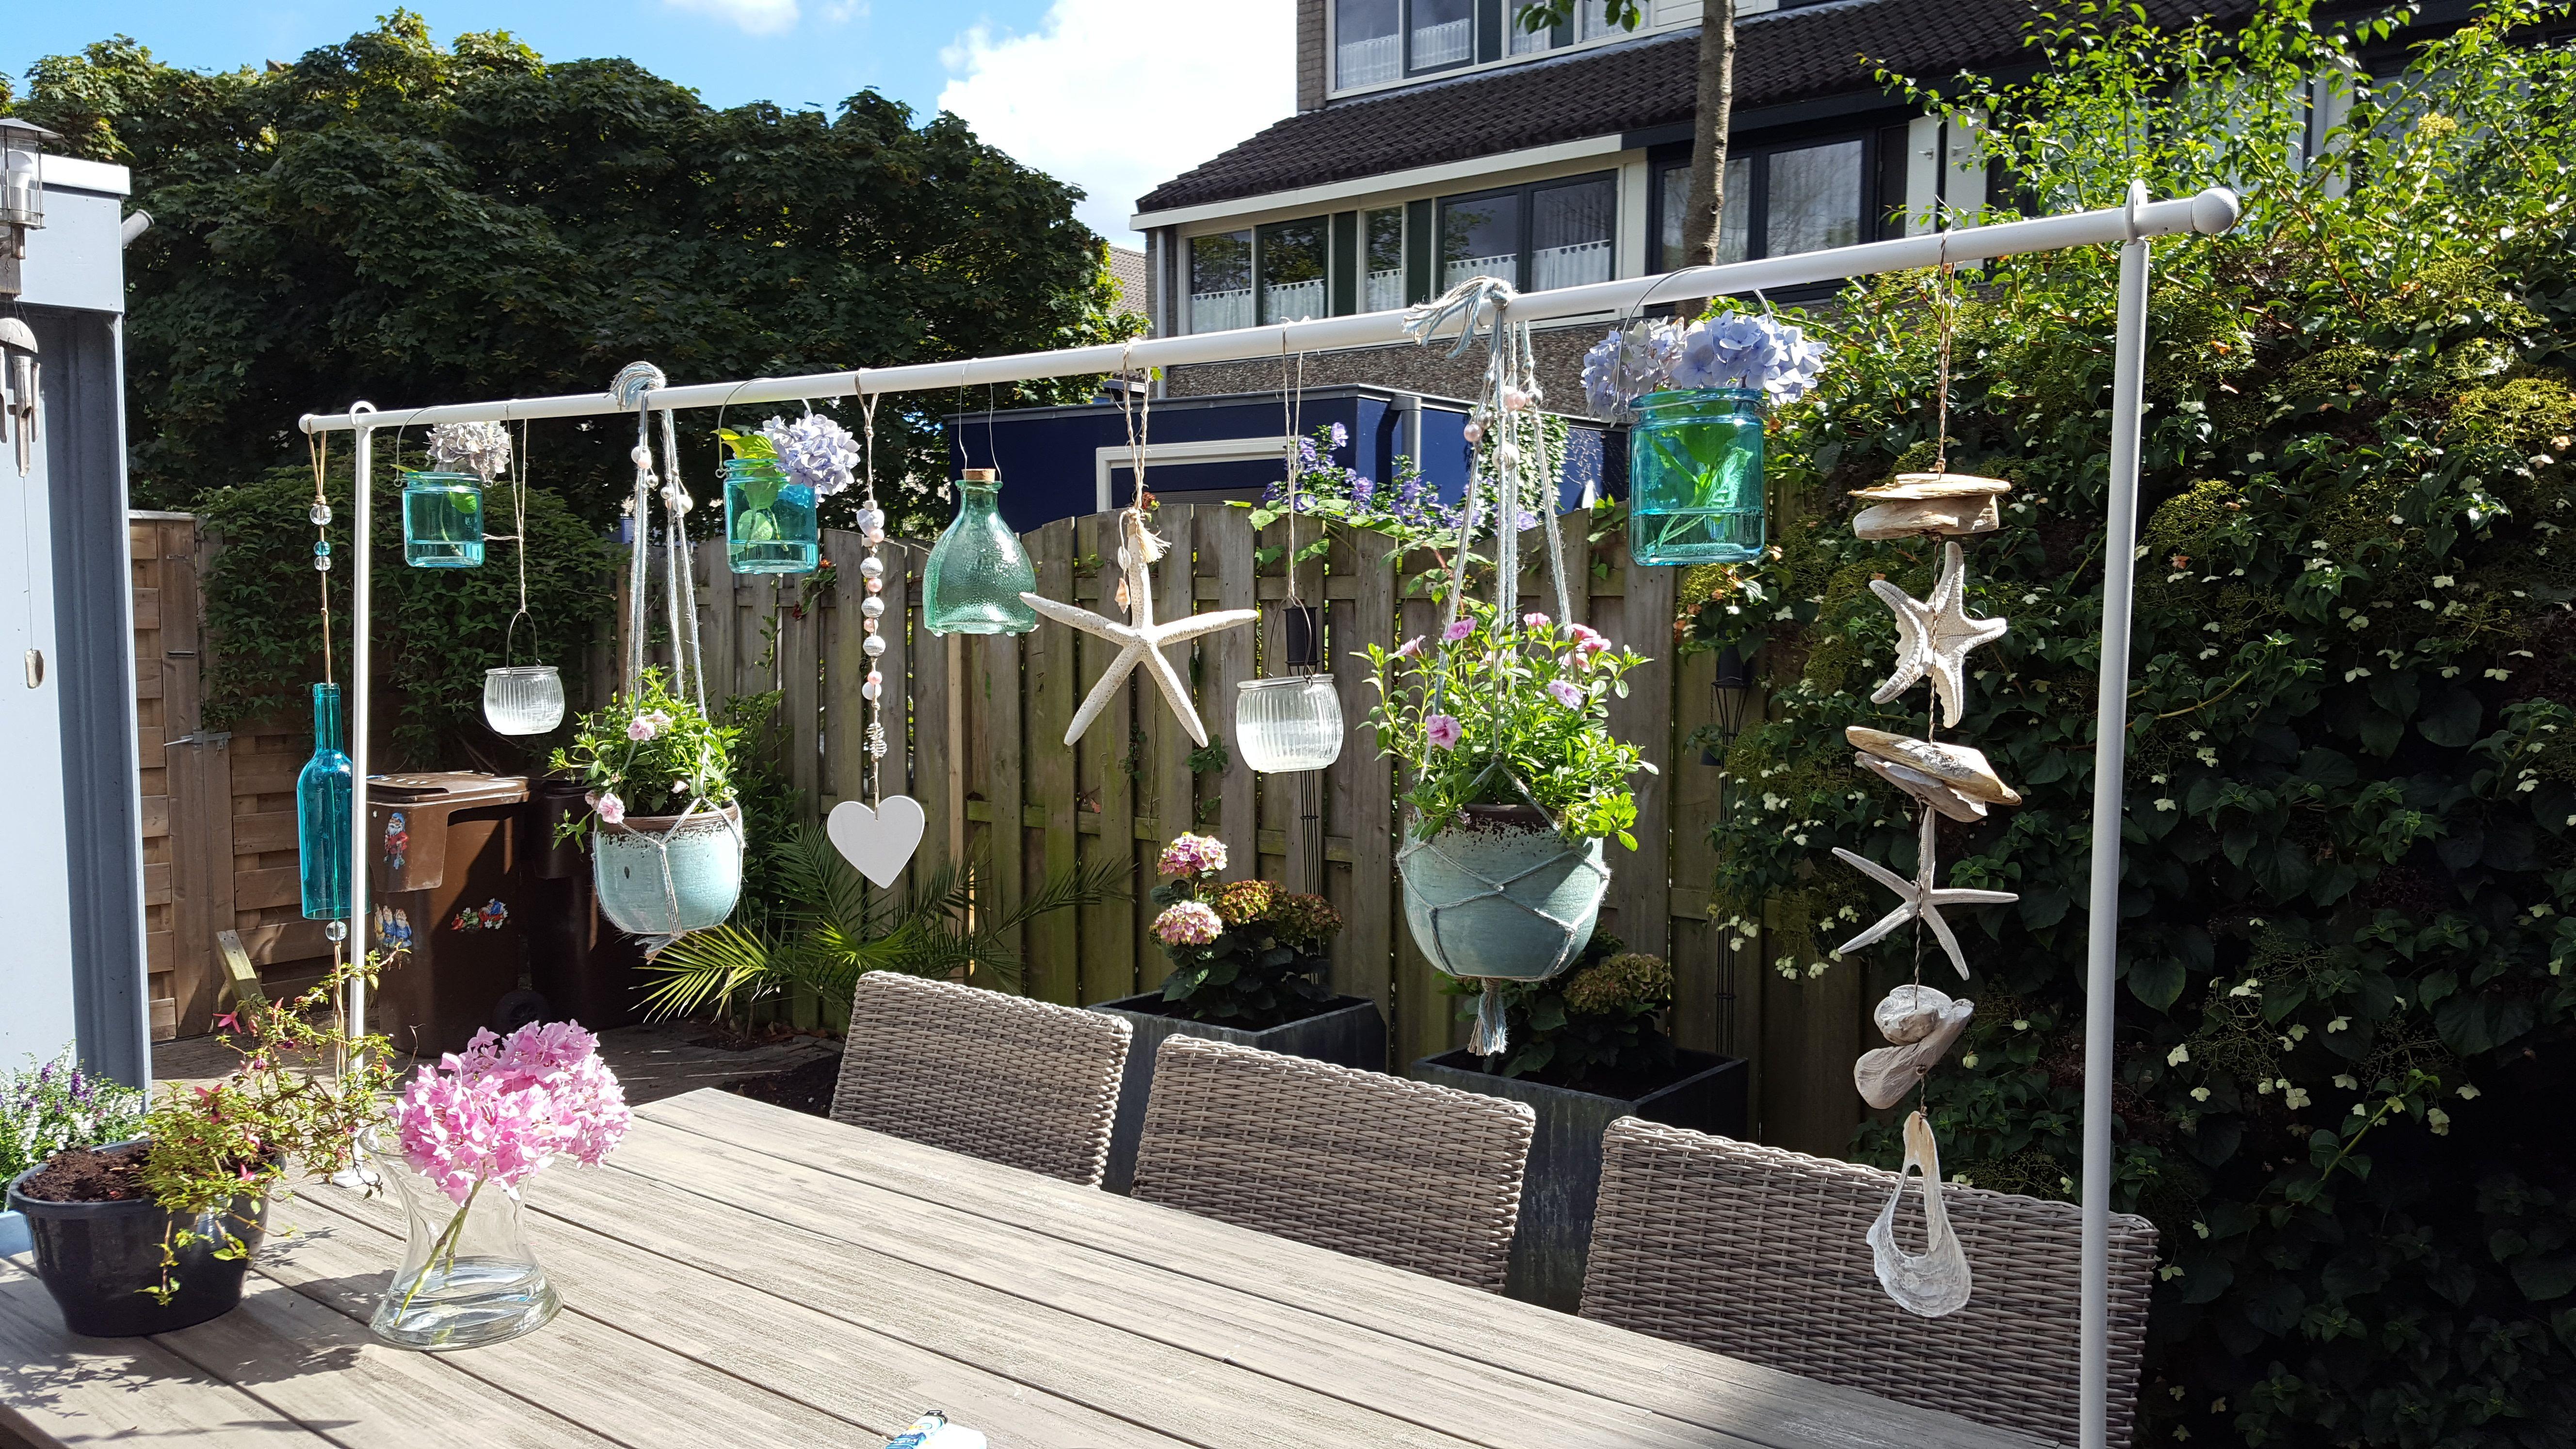 gezelligheid in de tuin tafelklem van intratuin met leuke